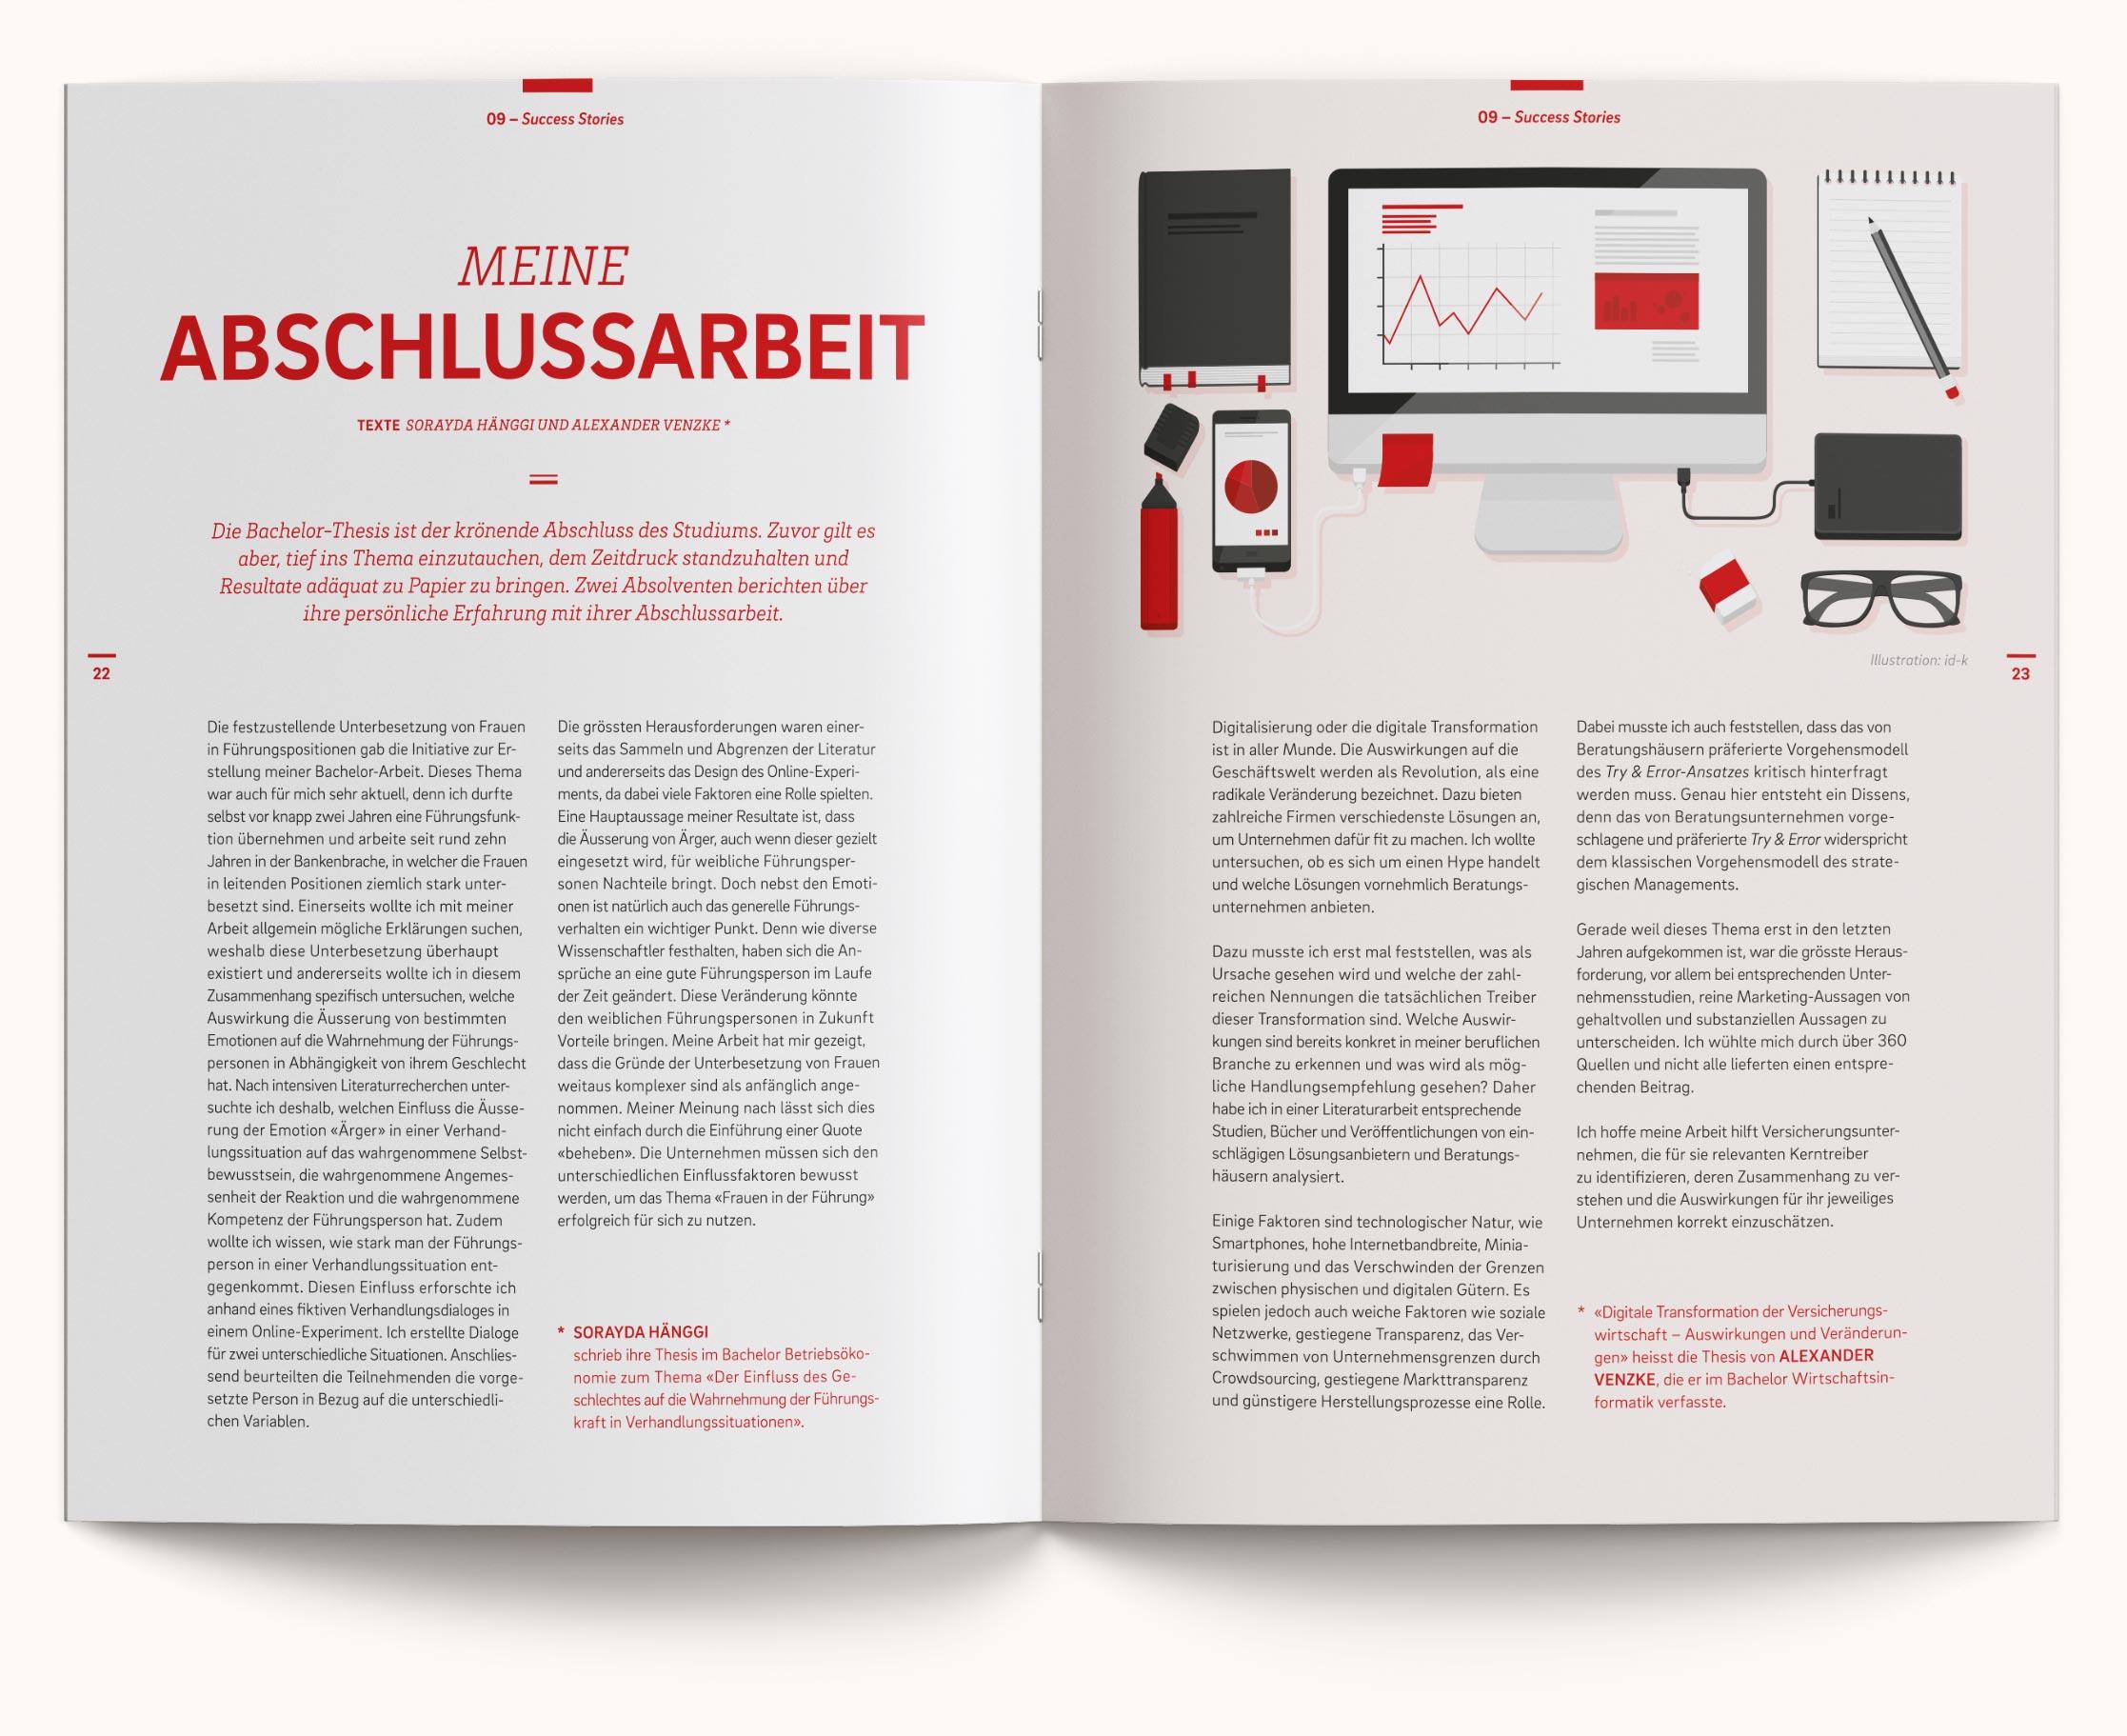 FFHS Grafikdesign Cloud Magazin Artikel Success Stories Abschlussarbeit